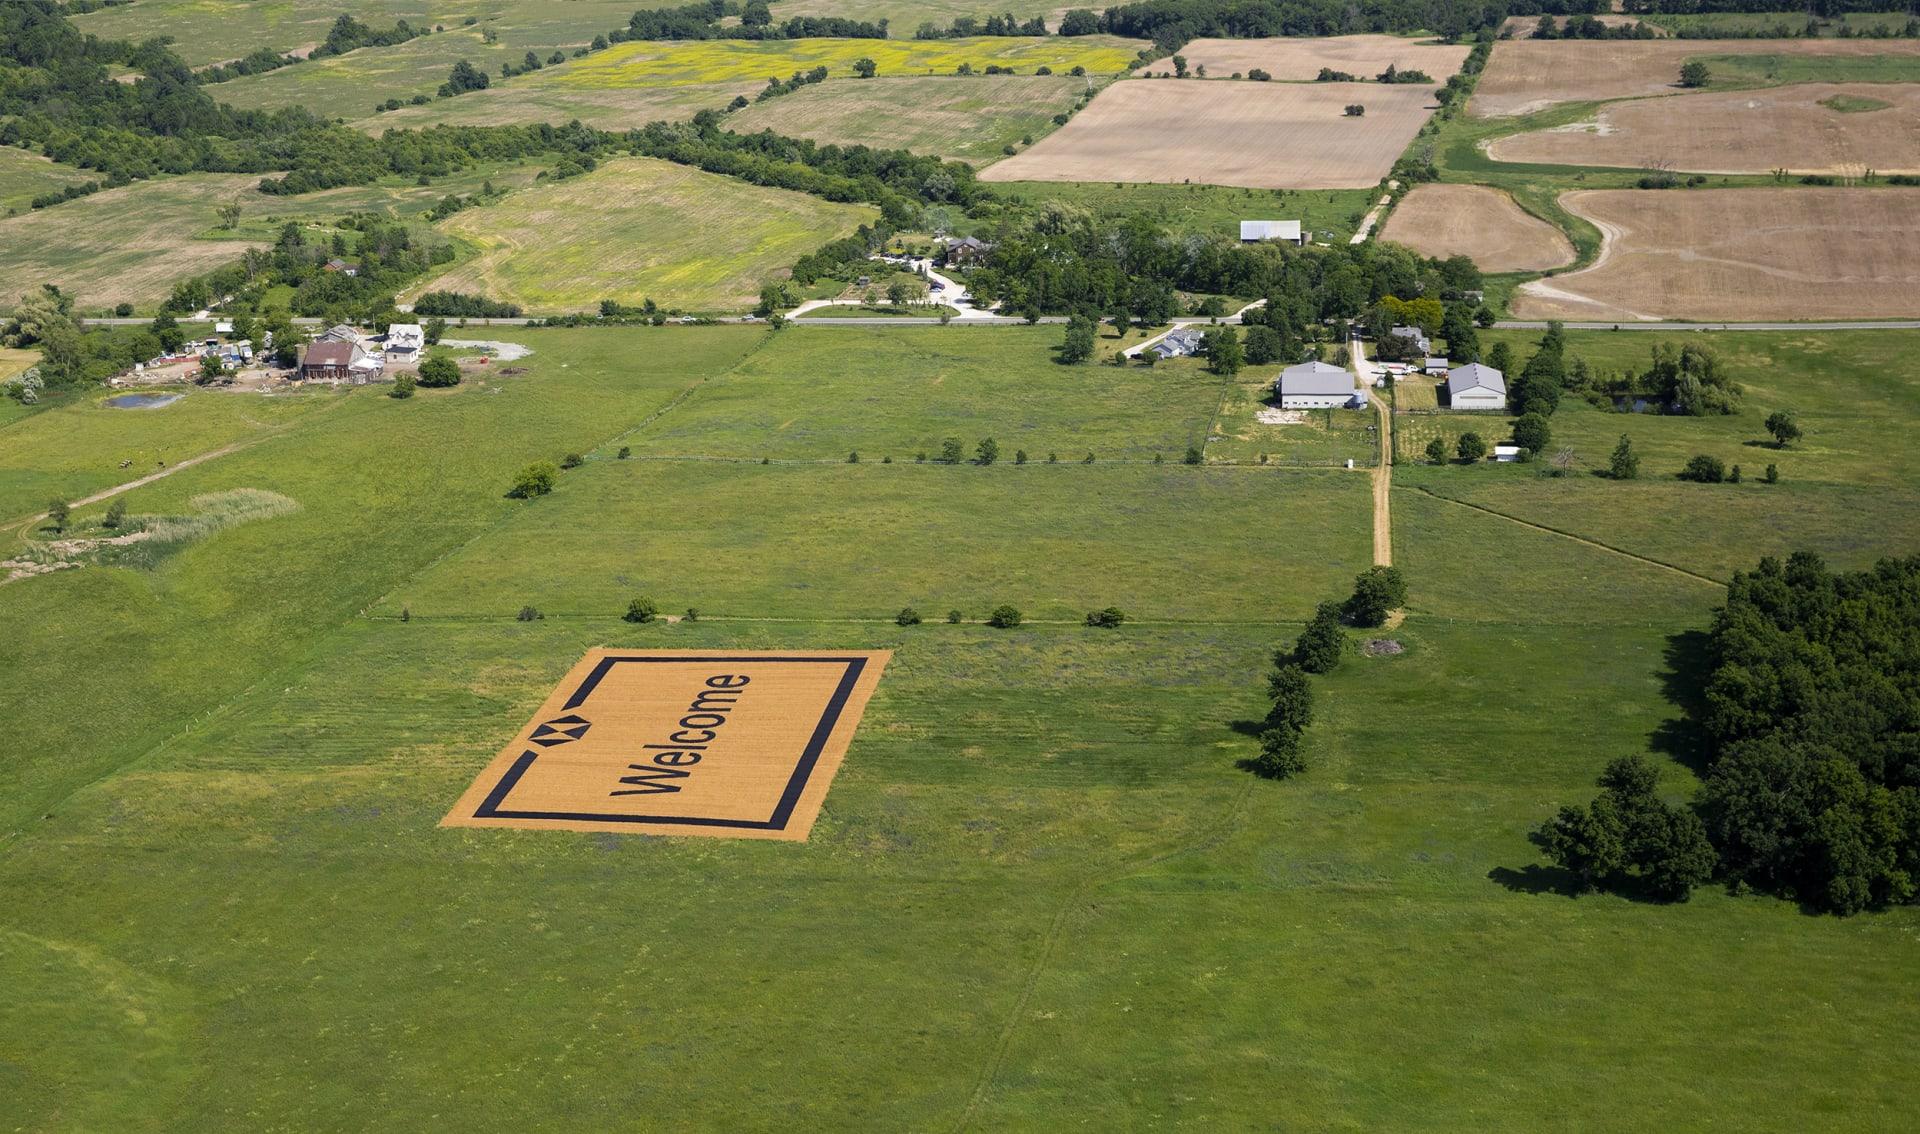 HSBC Welcome Mat placed on green grassland